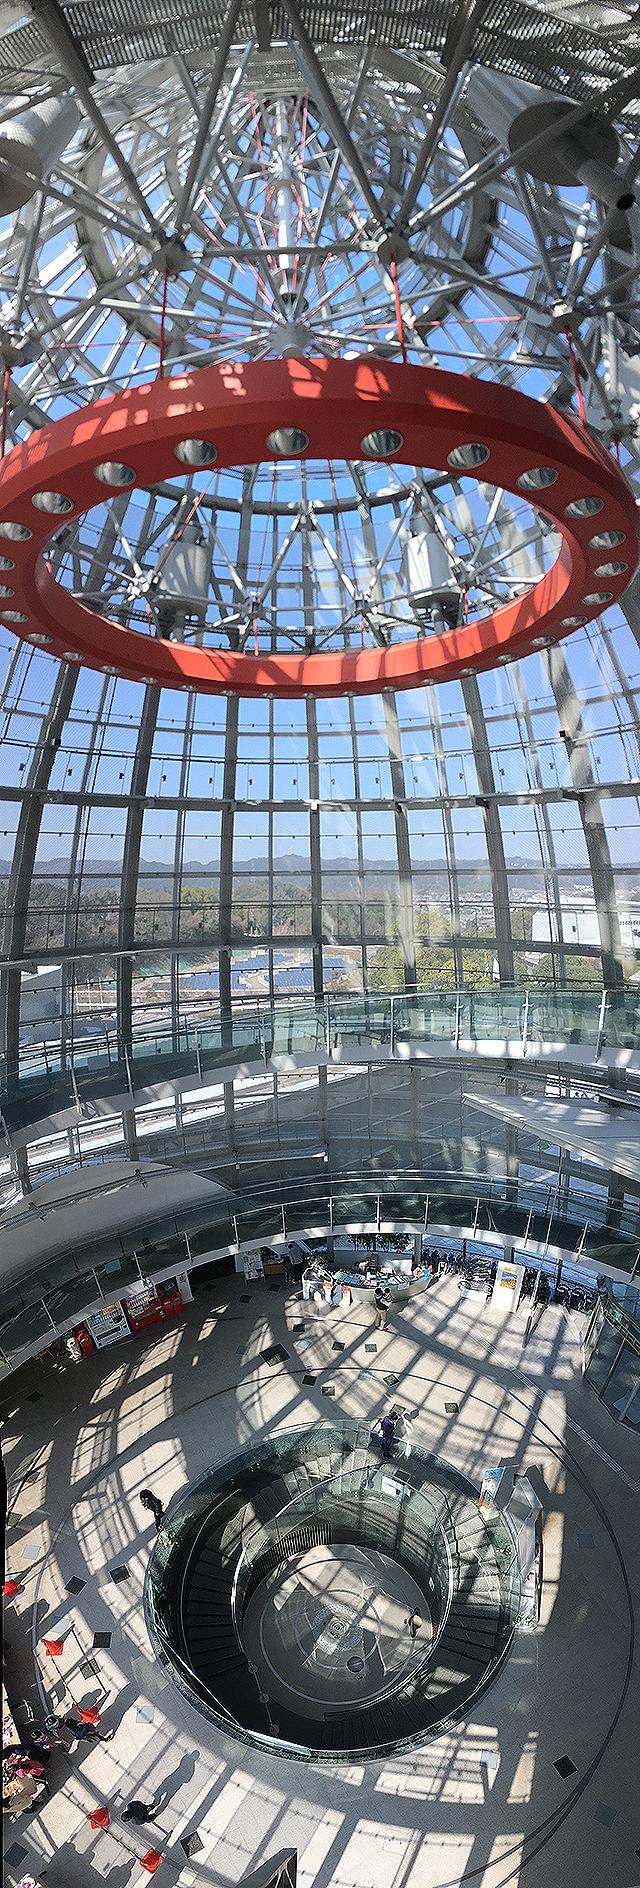 ehimekahaku_panorama.jpg